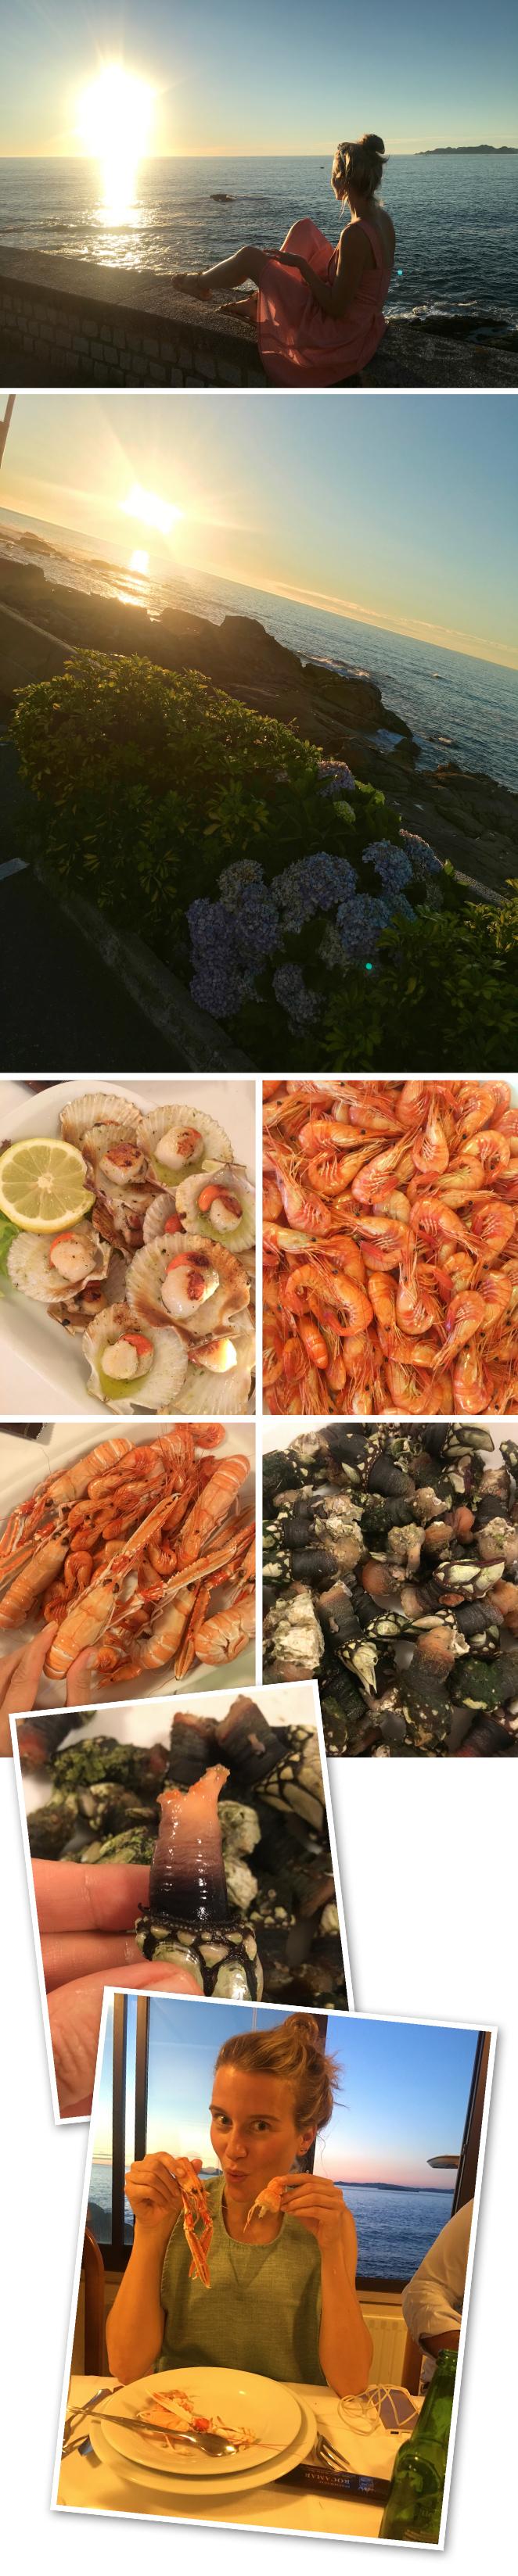 Para cenar y disfrutar del exquisito marisco gallego fuimos a Rocamar, un emblemático restaurante que se encuentra cerca de Bayona y desde el que se puede disfrutar de una espectacular puesta de sol